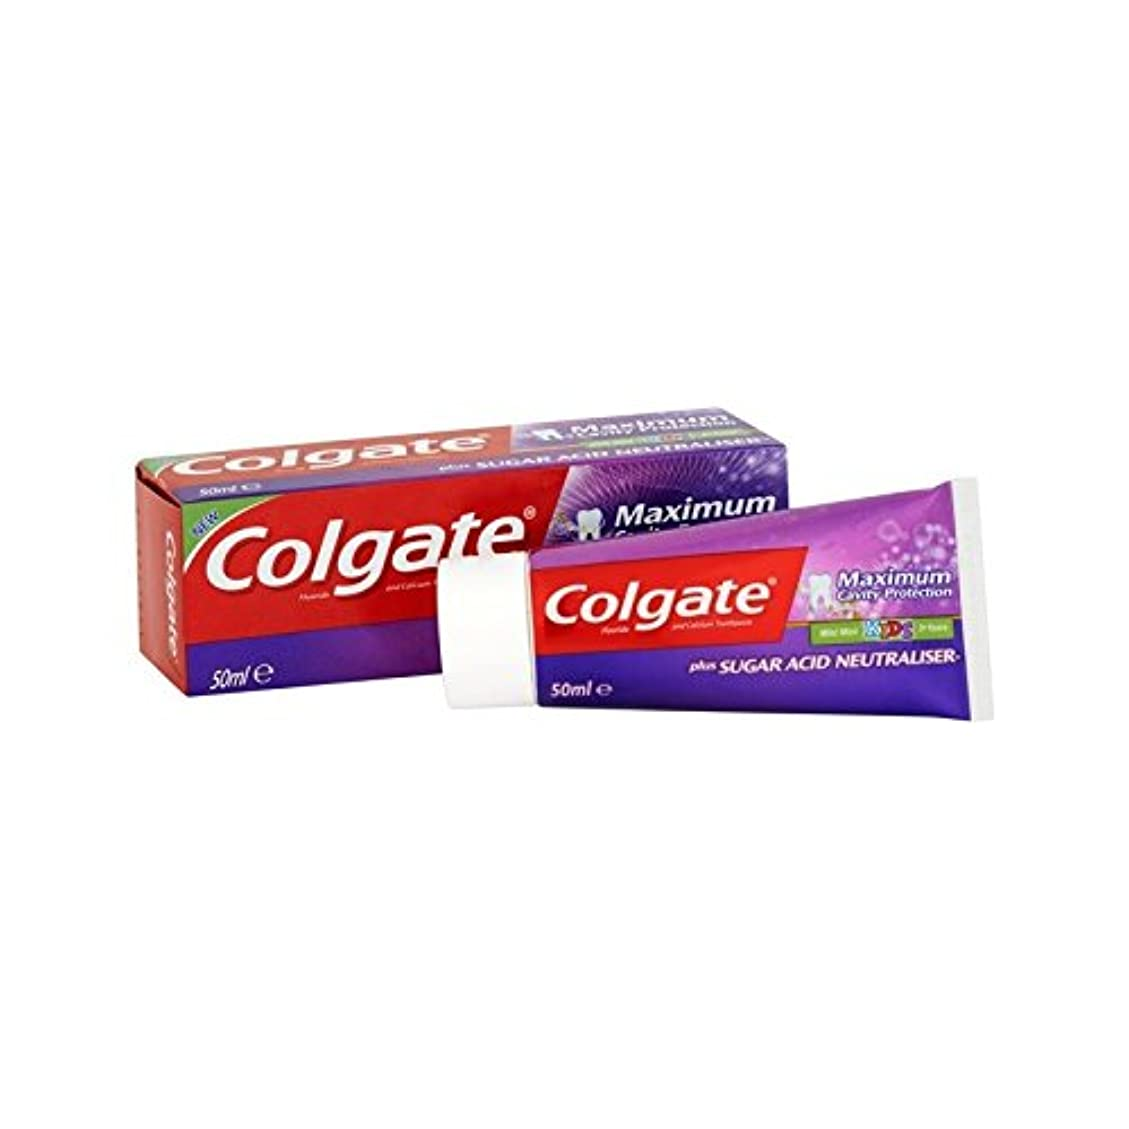 オーガニック友情入場最大空洞の子供の50ミリリットルを保護 (Colgate) (x 2) - Colgate Maximum Cavity Protect Kids 50ml (Pack of 2) [並行輸入品]